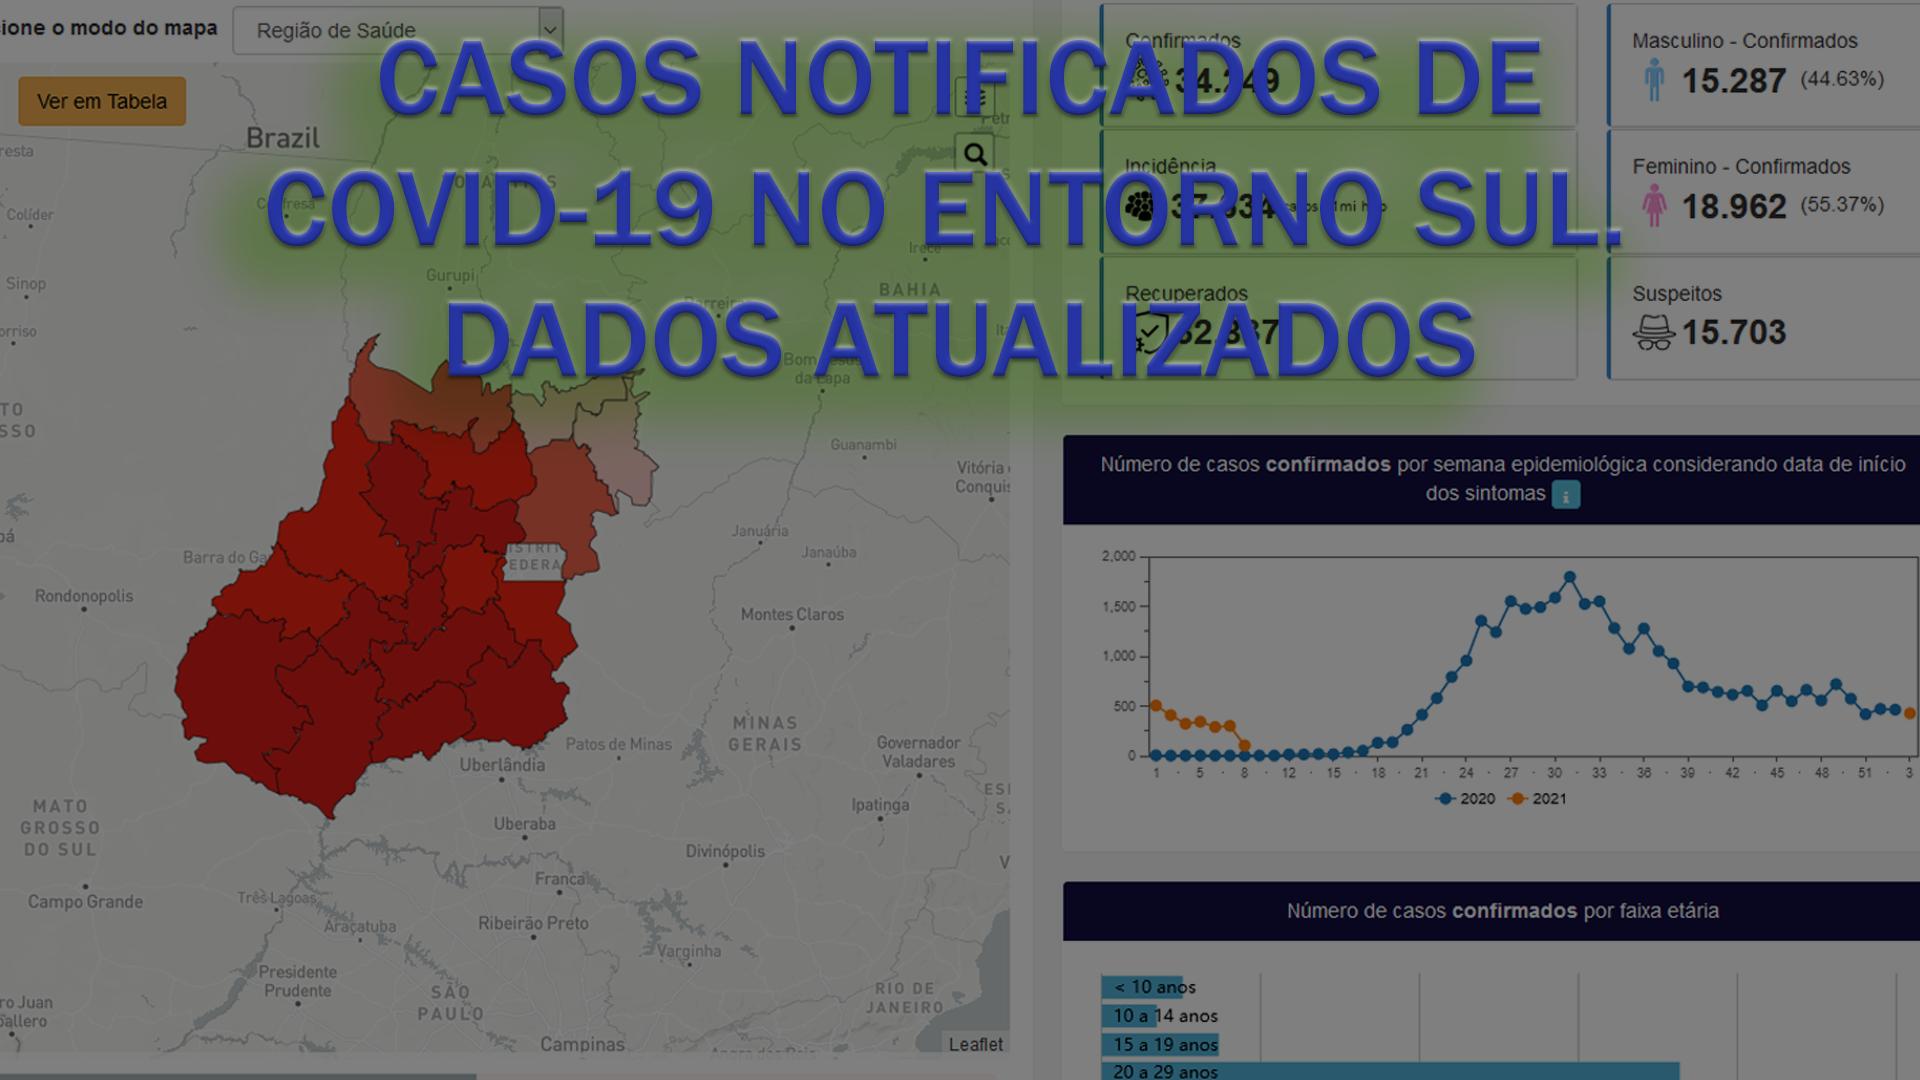 Casos notificados de COVID-19 no ENTORNO SUL